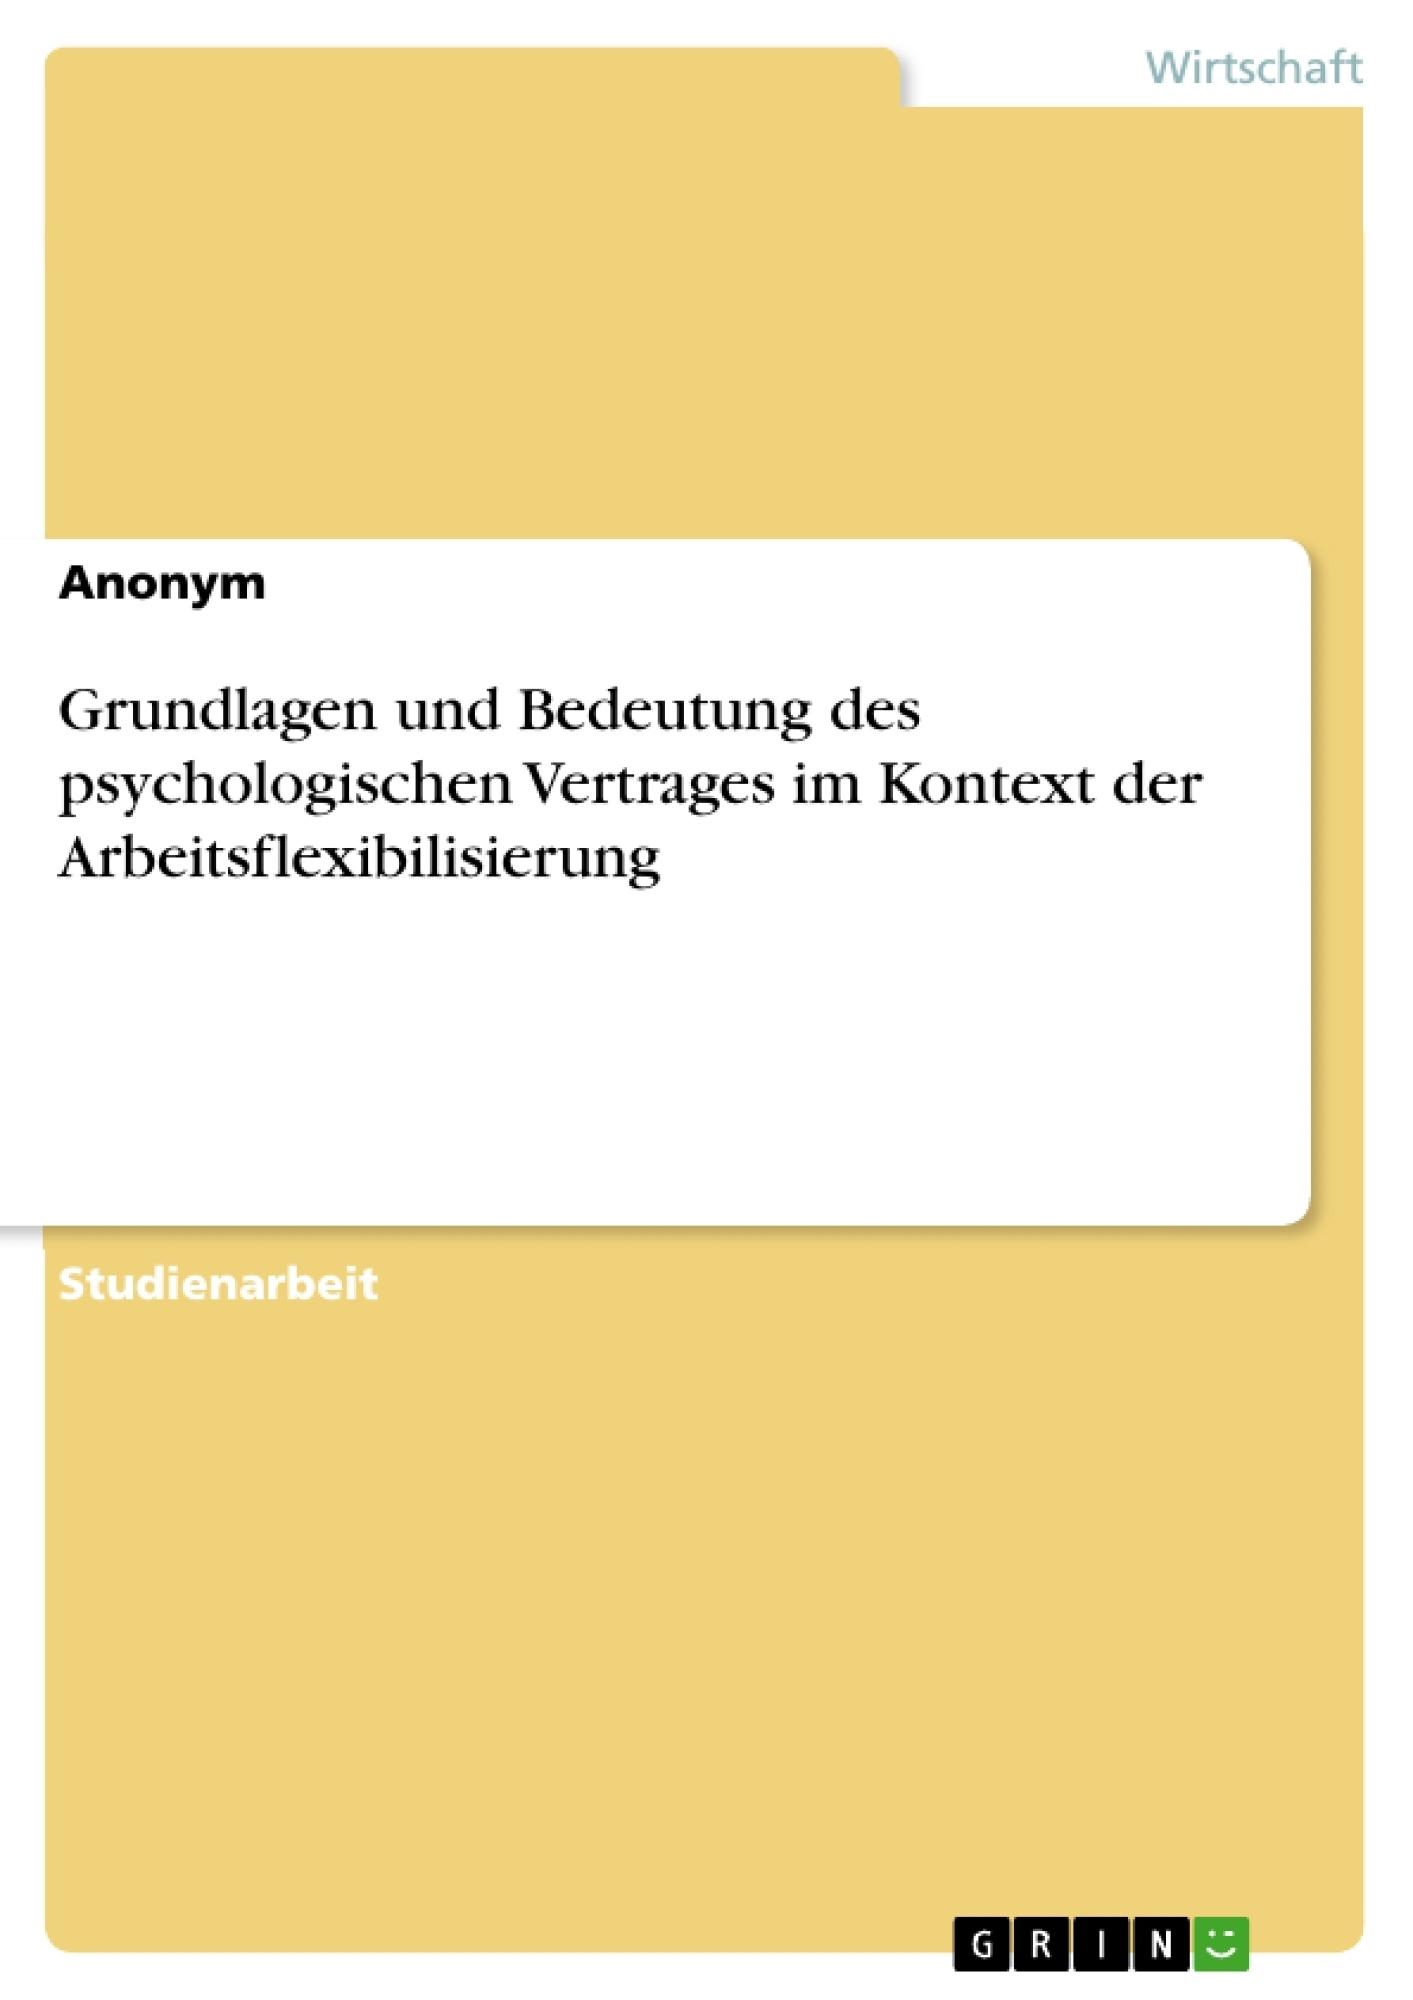 Titel: Grundlagen und Bedeutung des psychologischen Vertrages im Kontext der Arbeitsflexibilisierung